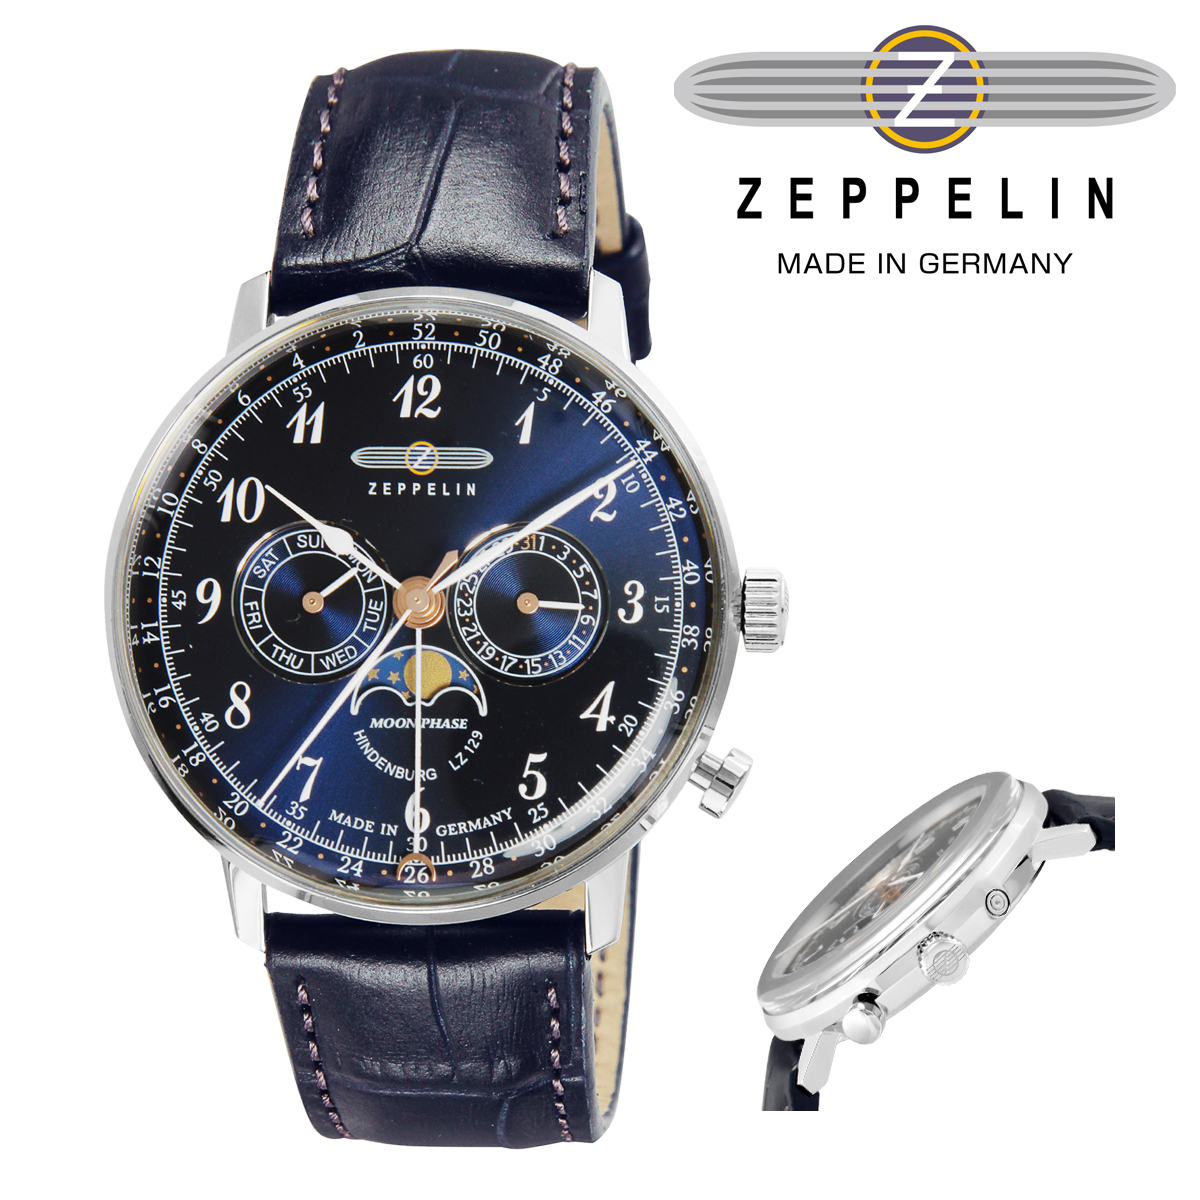 ツェッペリン 腕時計 HINDENBURGmoonphase 1875947 メンズ ZEPPELIN ステンレススチール アクリルガラス 本革